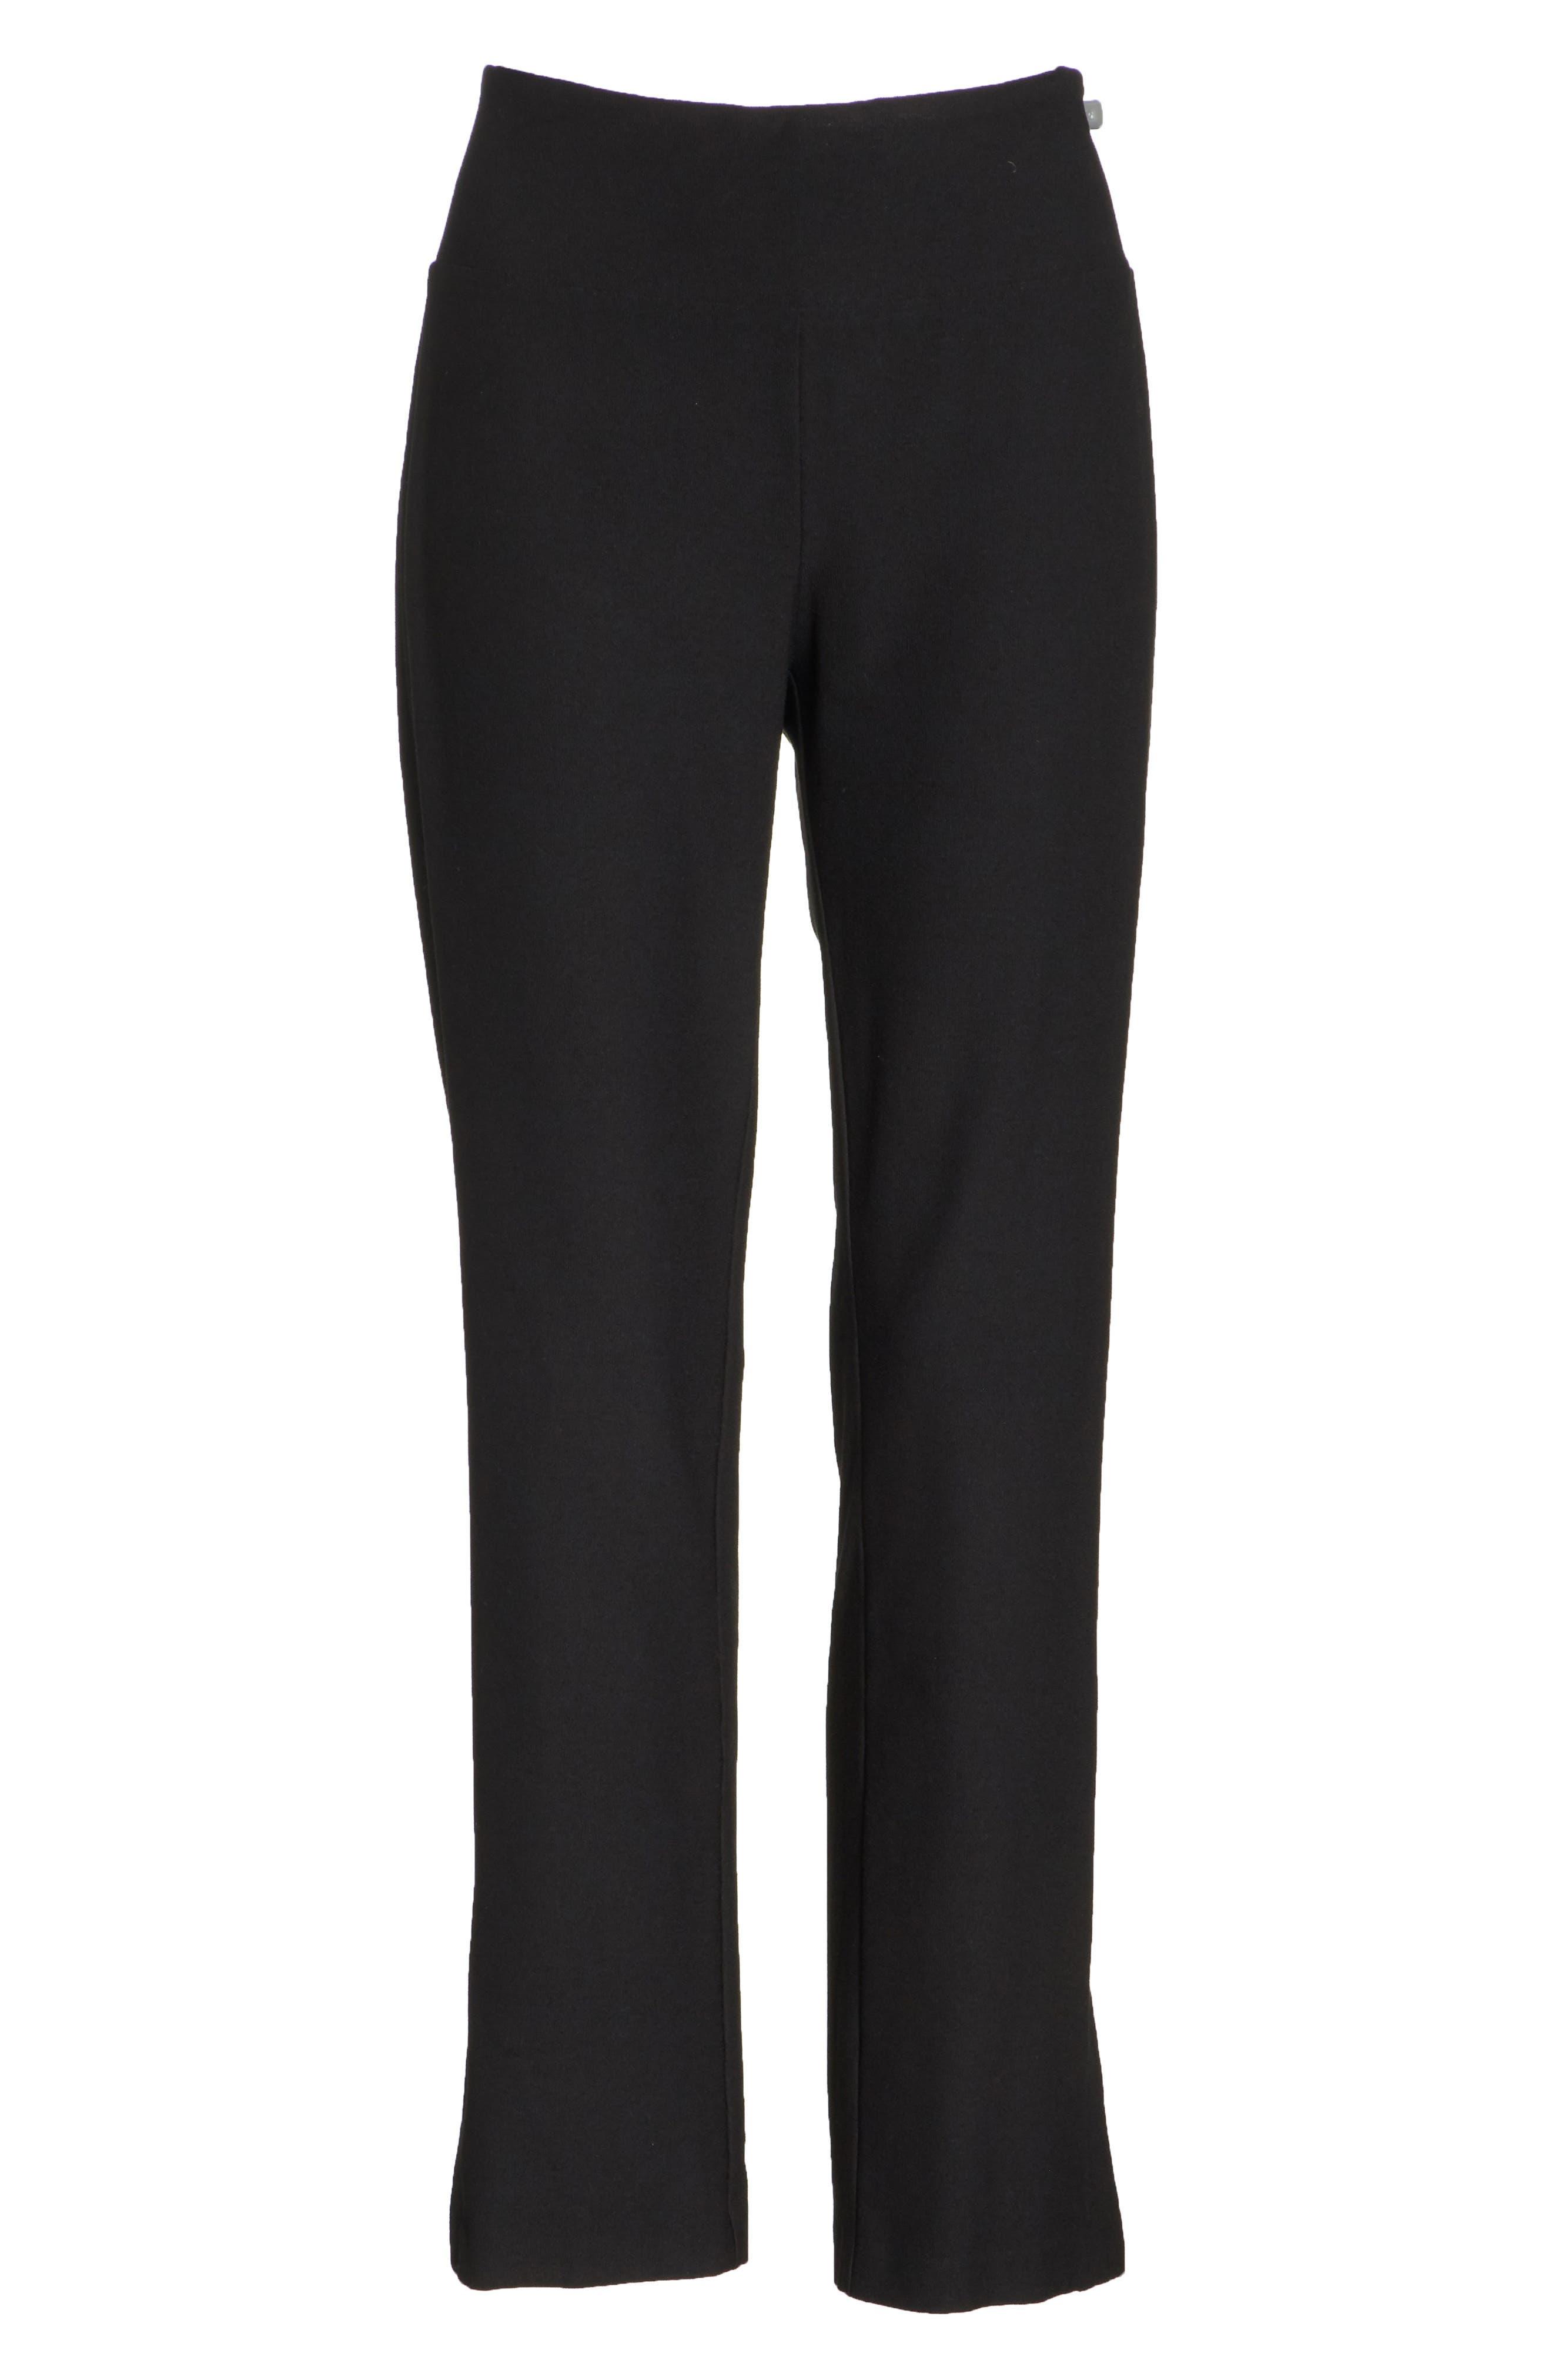 Slim Knit Pants,                             Alternate thumbnail 7, color,                             Black